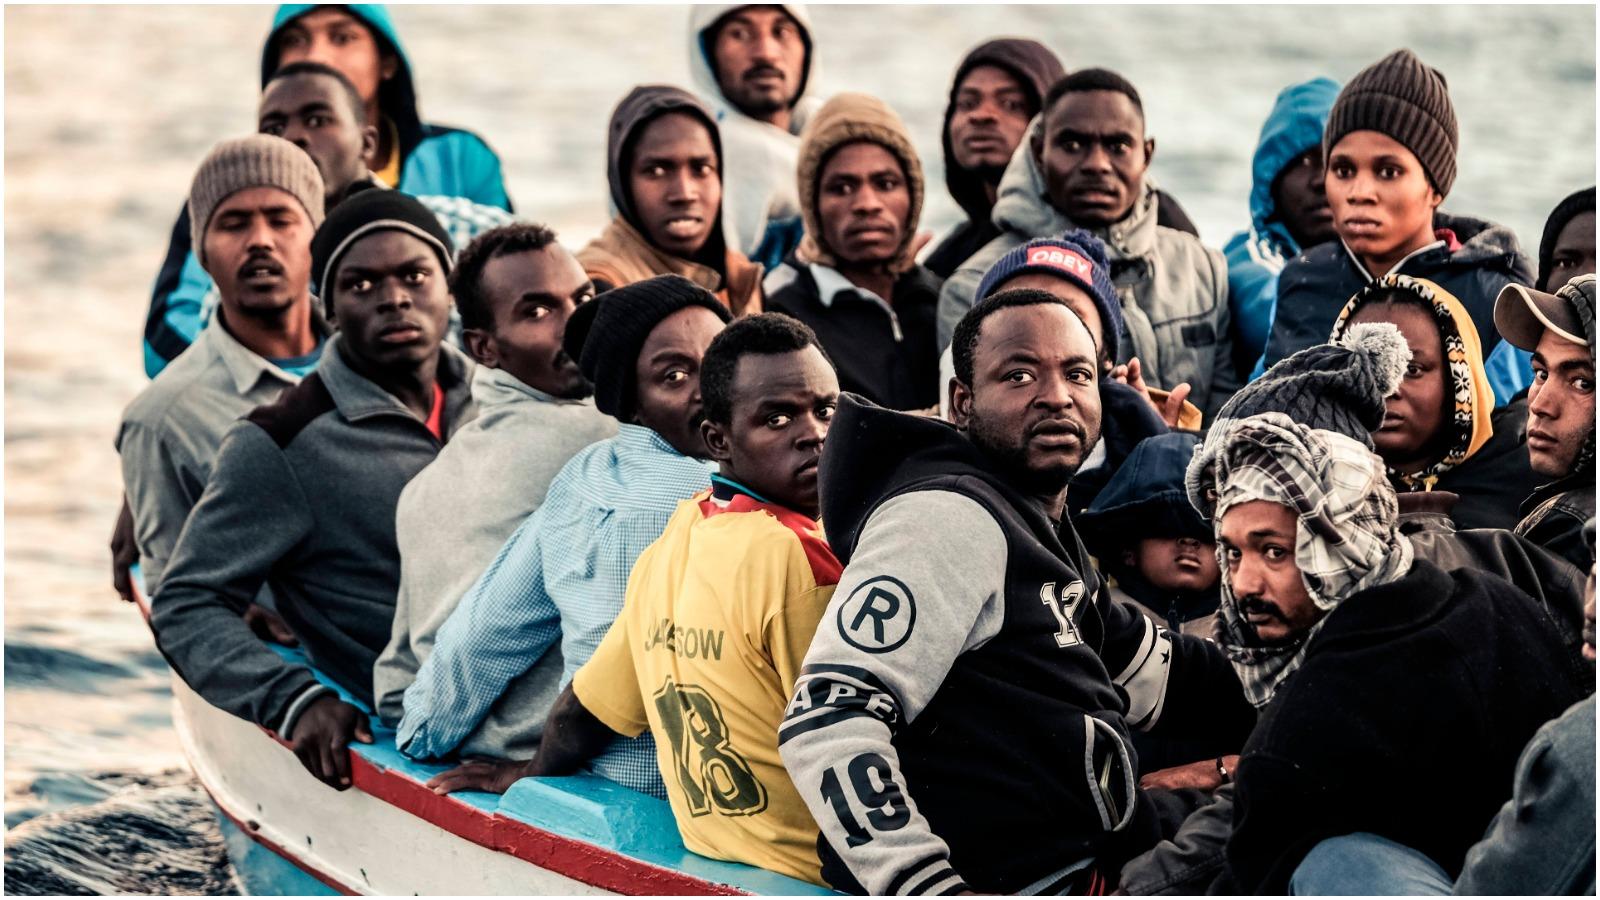 Karen Melchior (RV): Løsningen på migrationskrisen er simpel: Vi skal erstatte ulovlig migration med lovlig migration